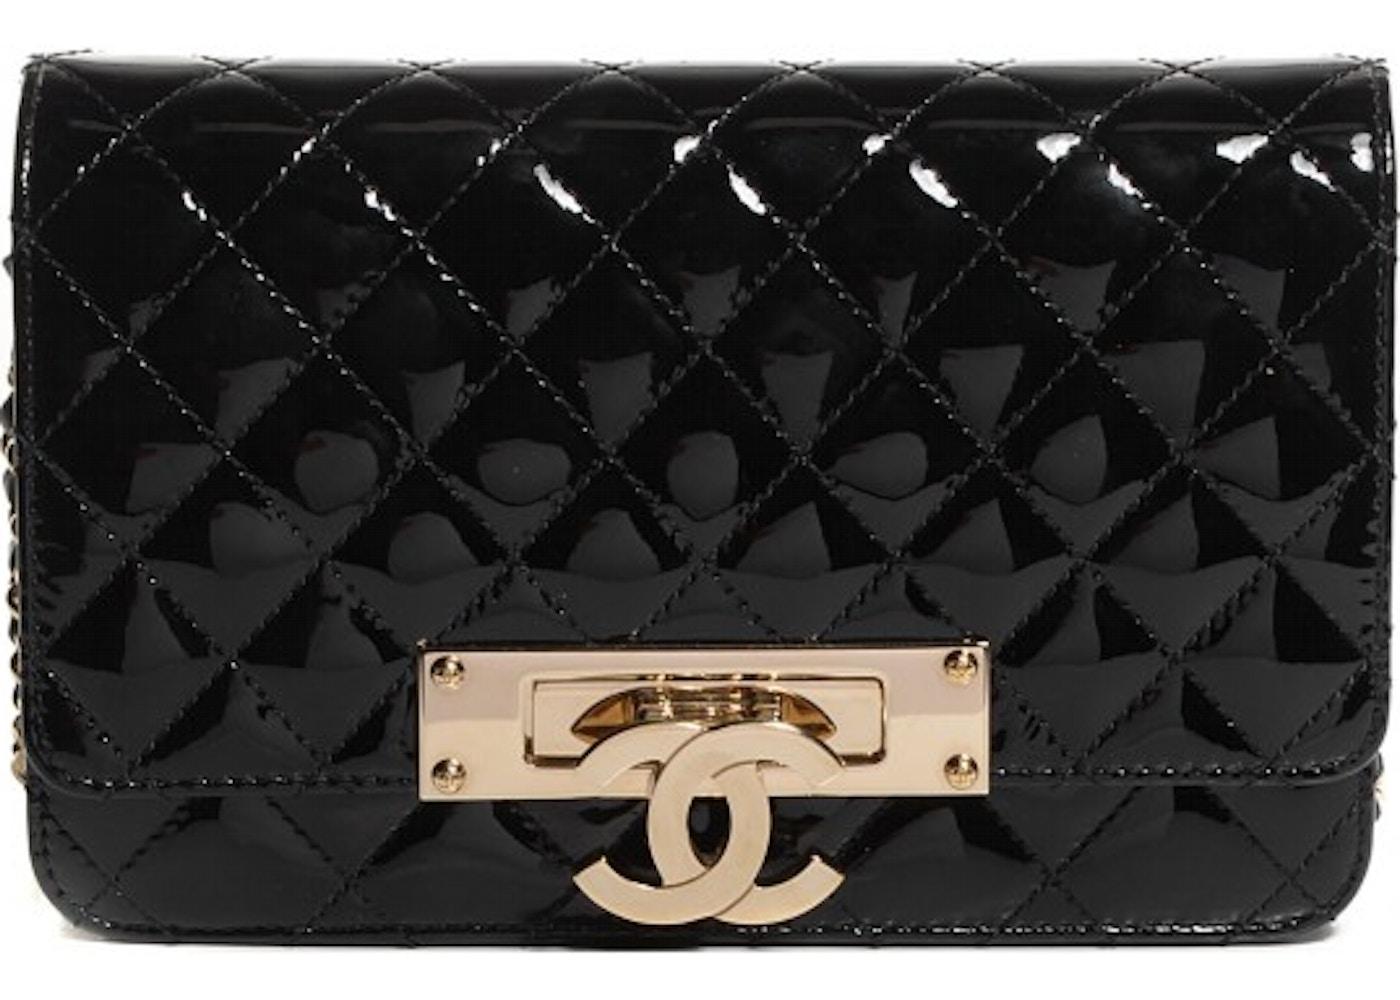 a73de8b517d3 Chanel Golden Class Wallet On Chain Patent Black. Patent Black